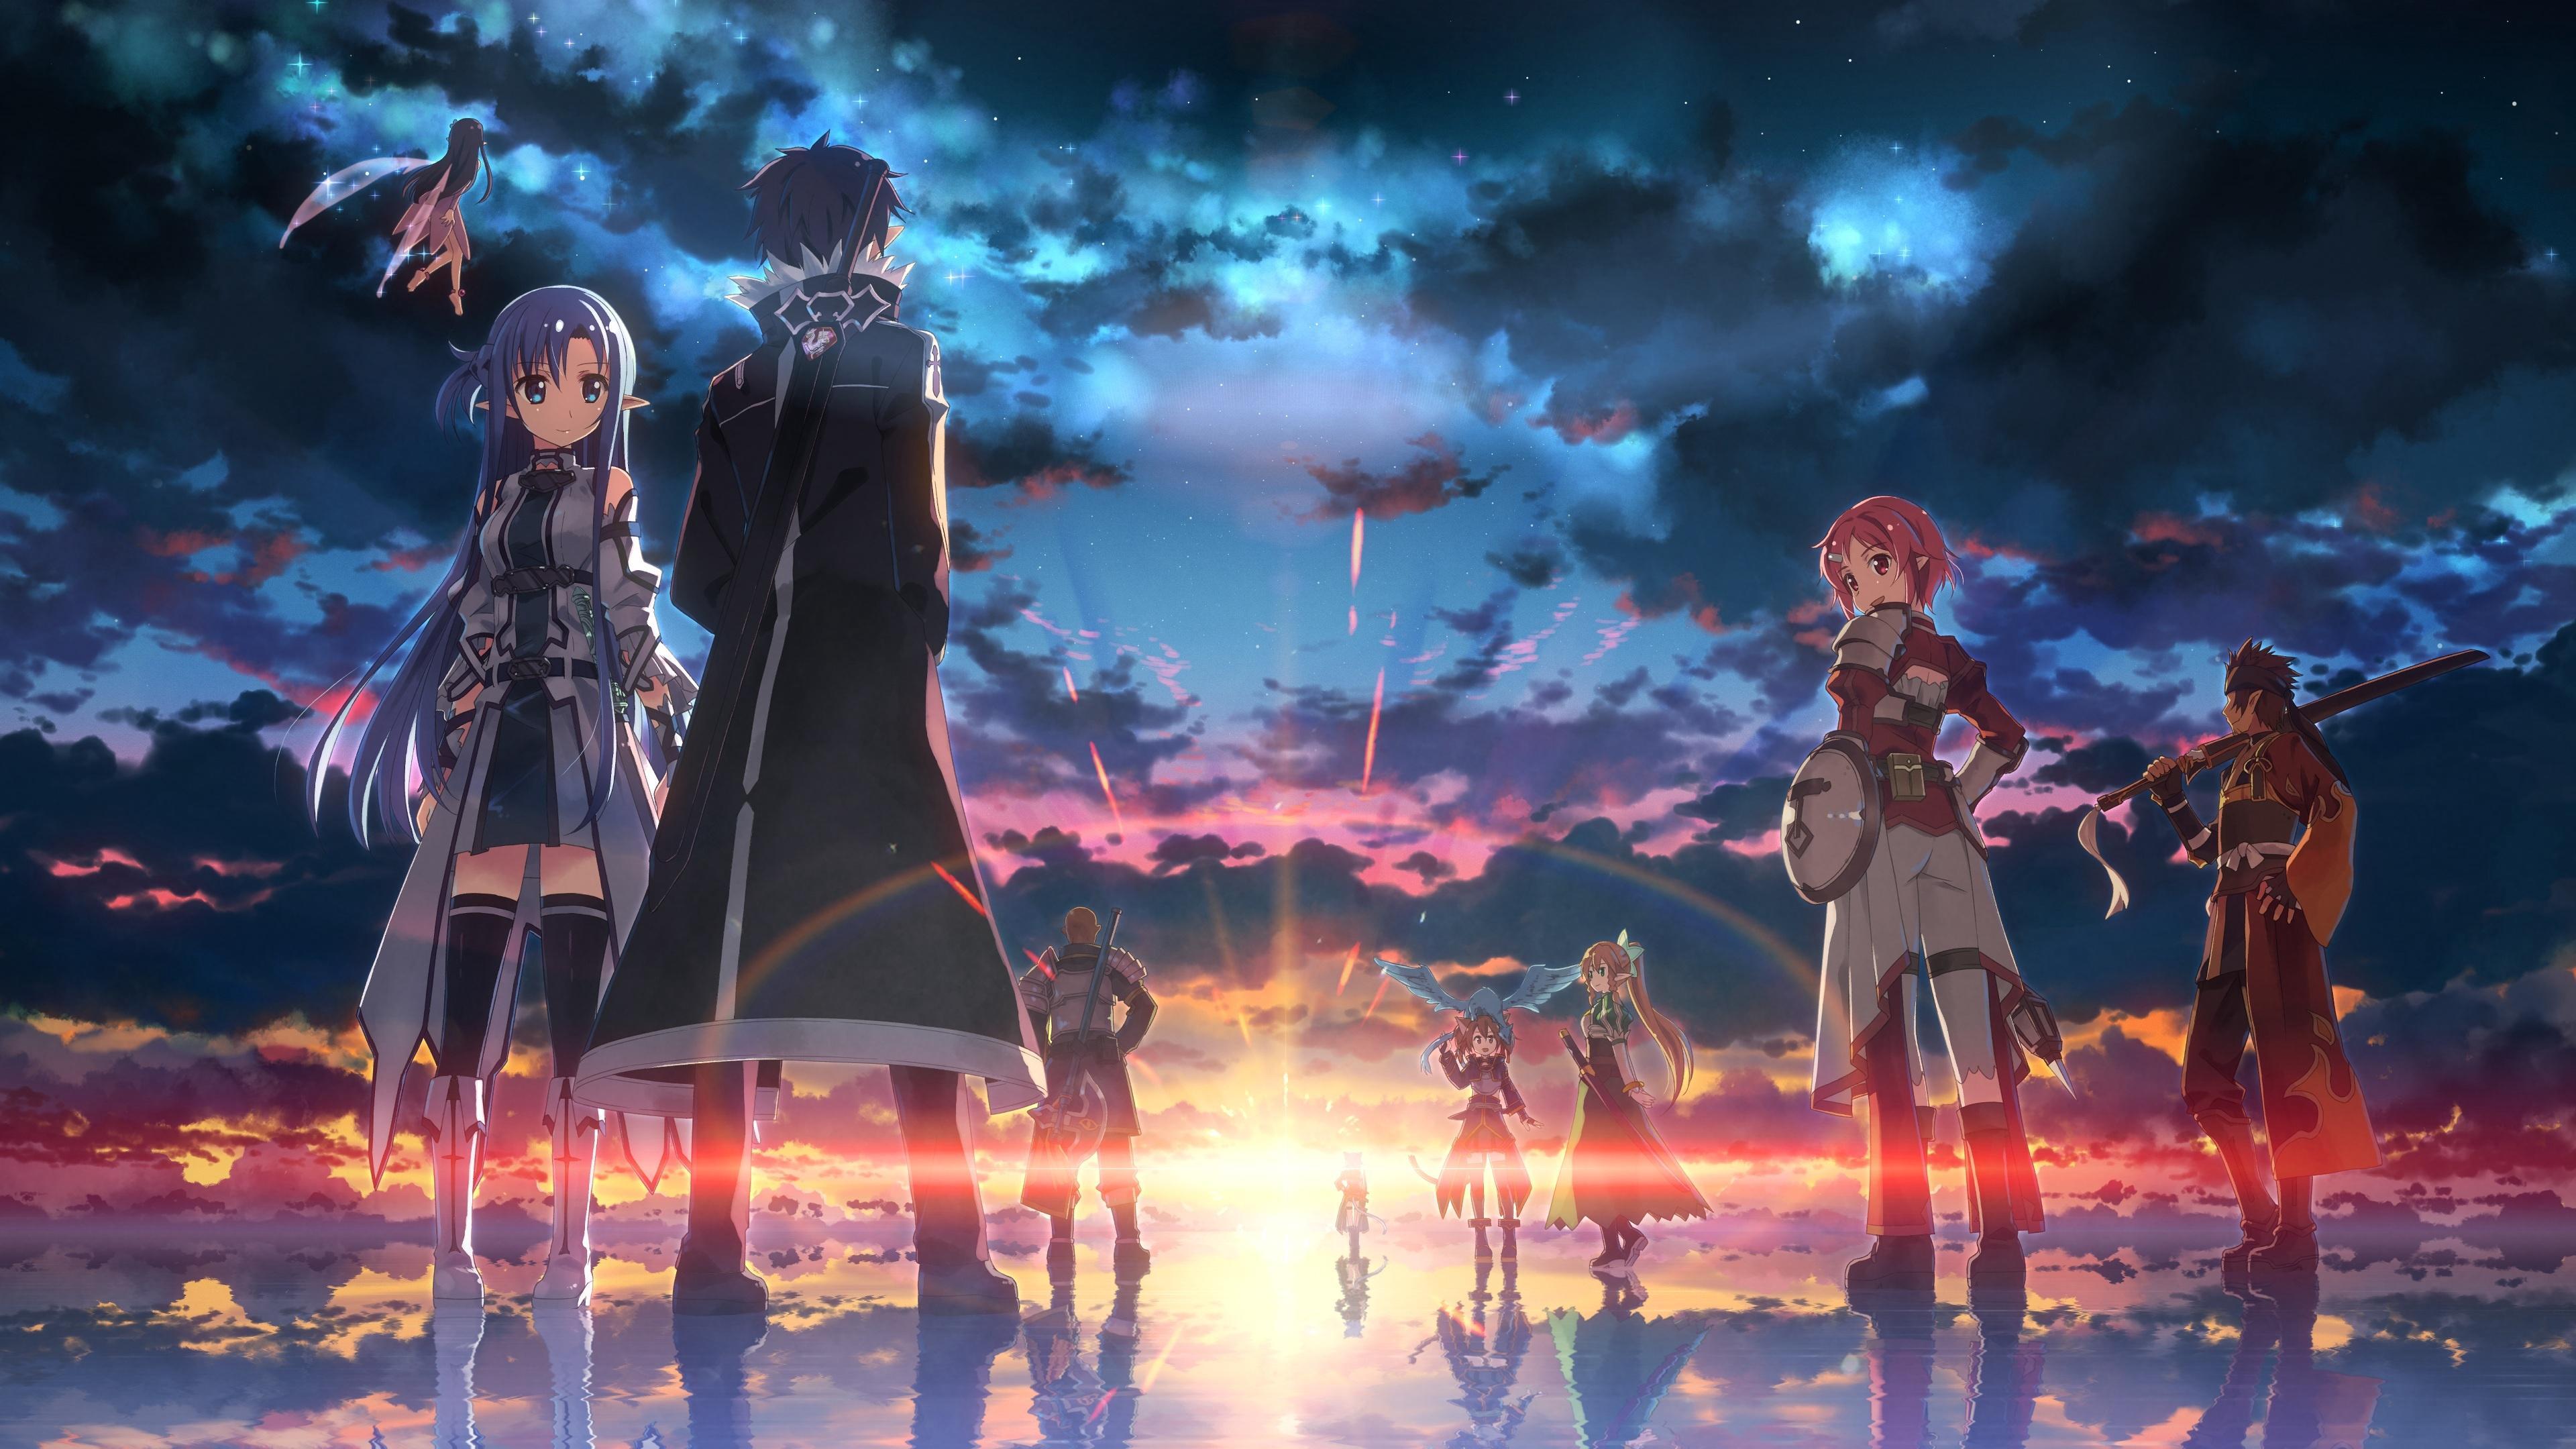 Sword Art Online - Characters